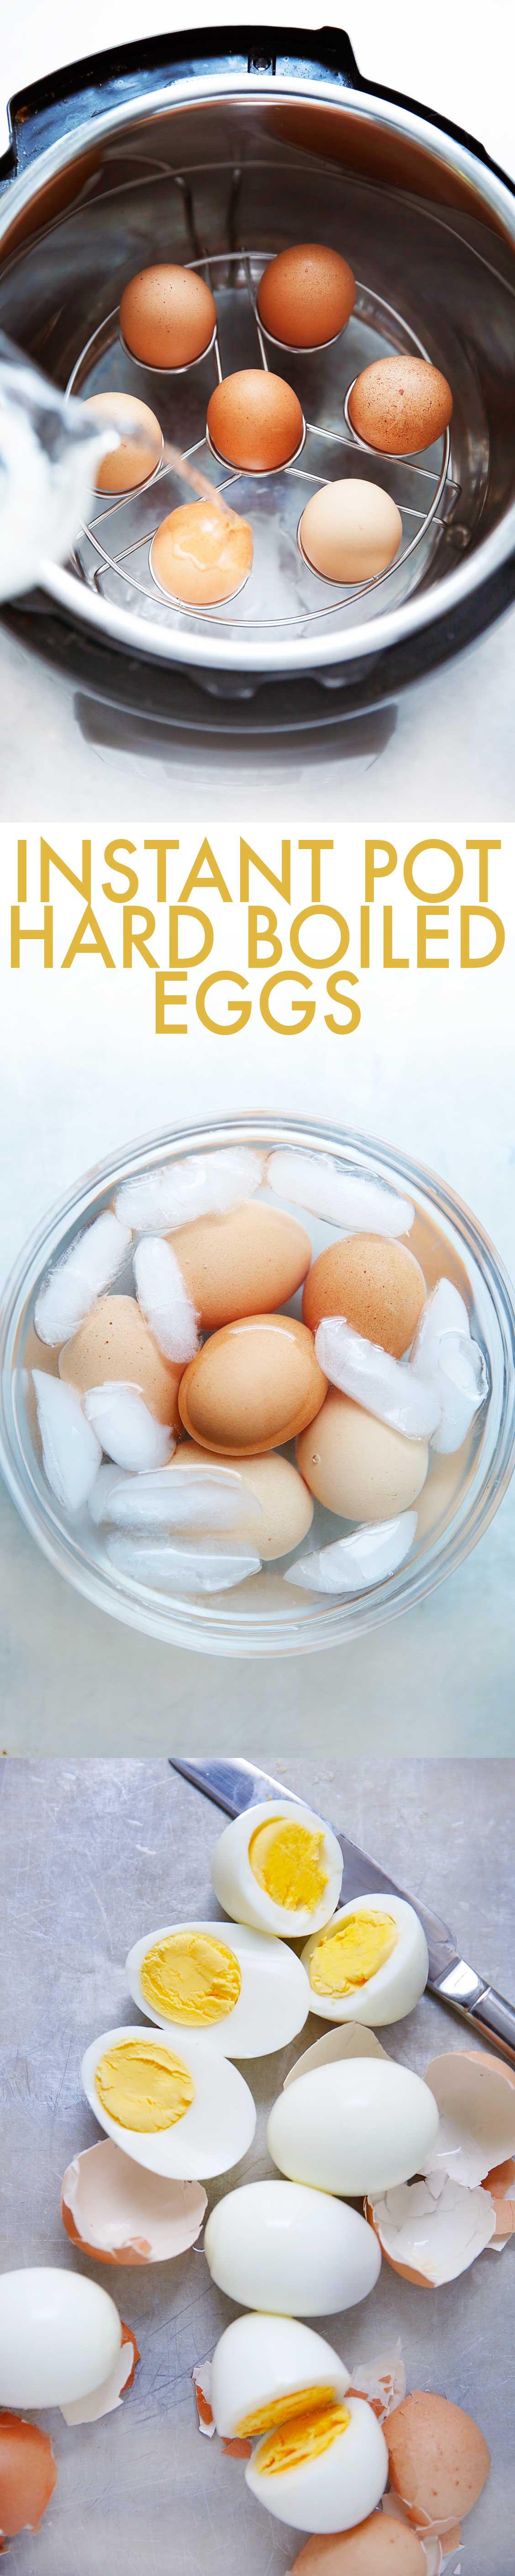 Instant Pot Hard Boiled Eggs - Lexi's Clean Kitchen #instantpot #hardboiledeggs #pressurecooker #eggs